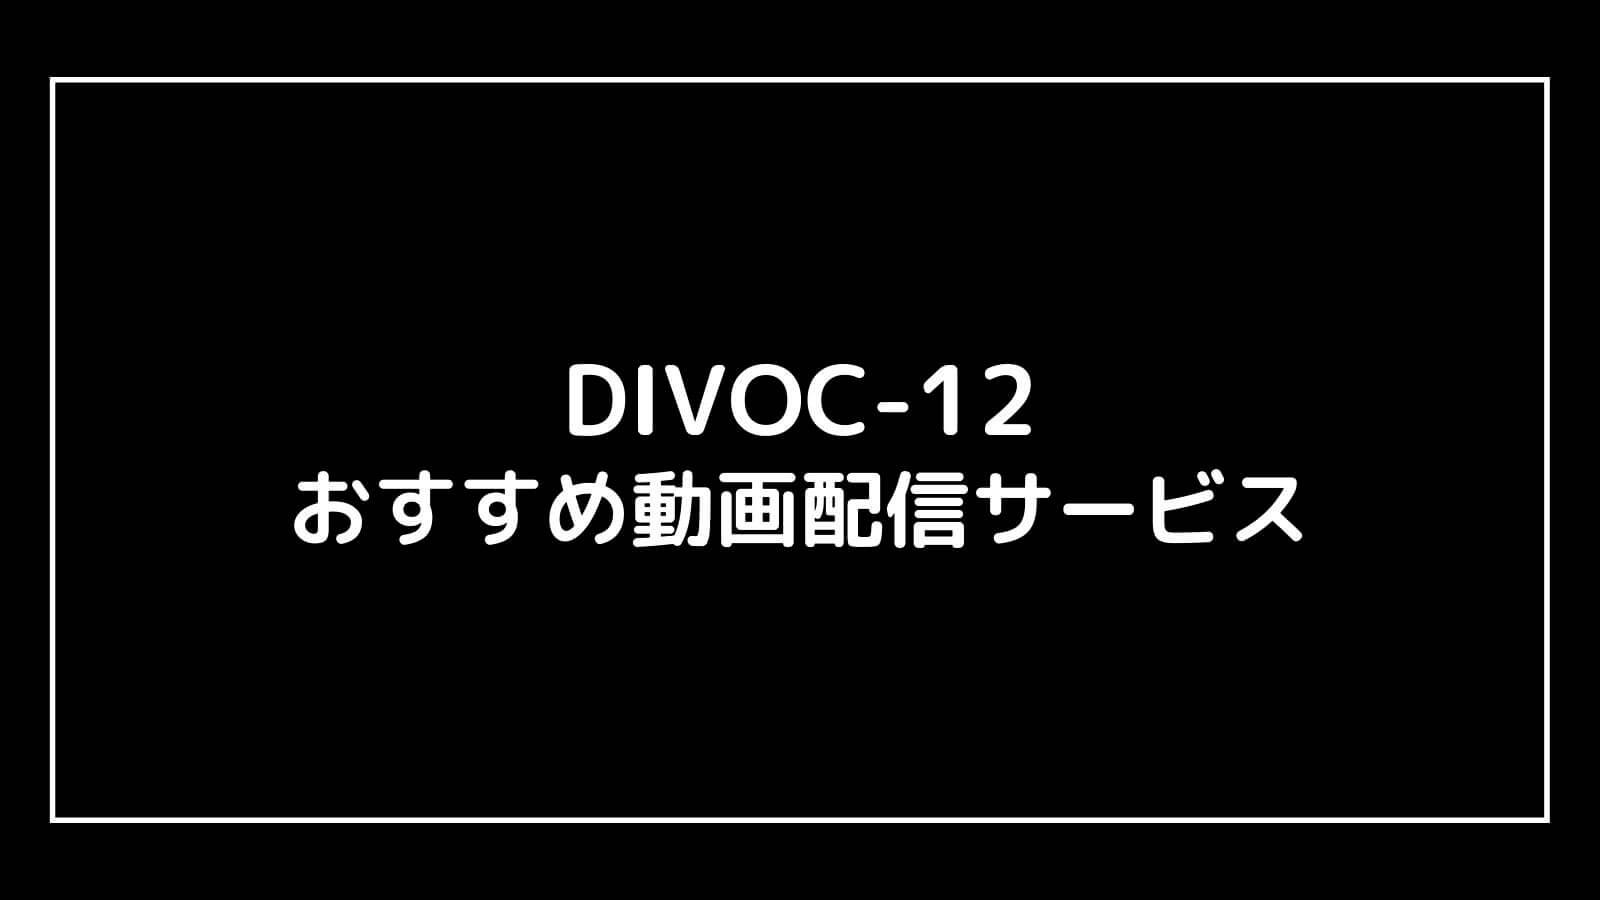 映画『DIVOC-12』を無料視聴できるおすすめ動画配信サービス